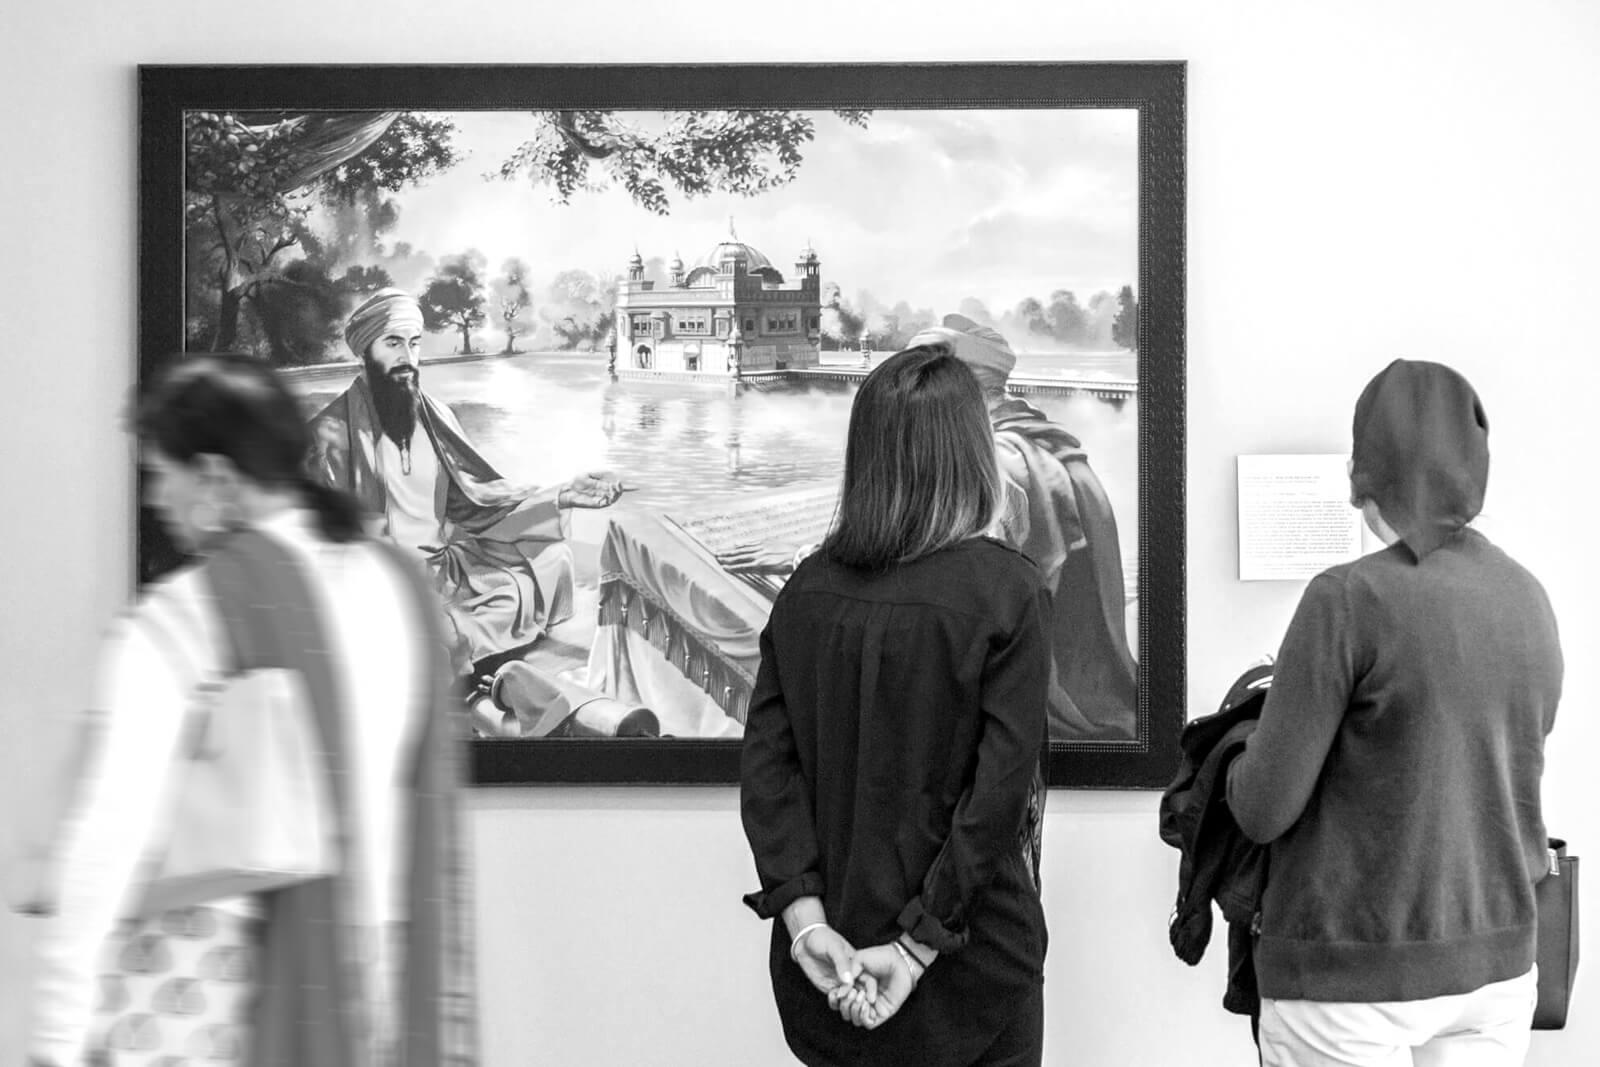 ArtofPunjab-gallery-1